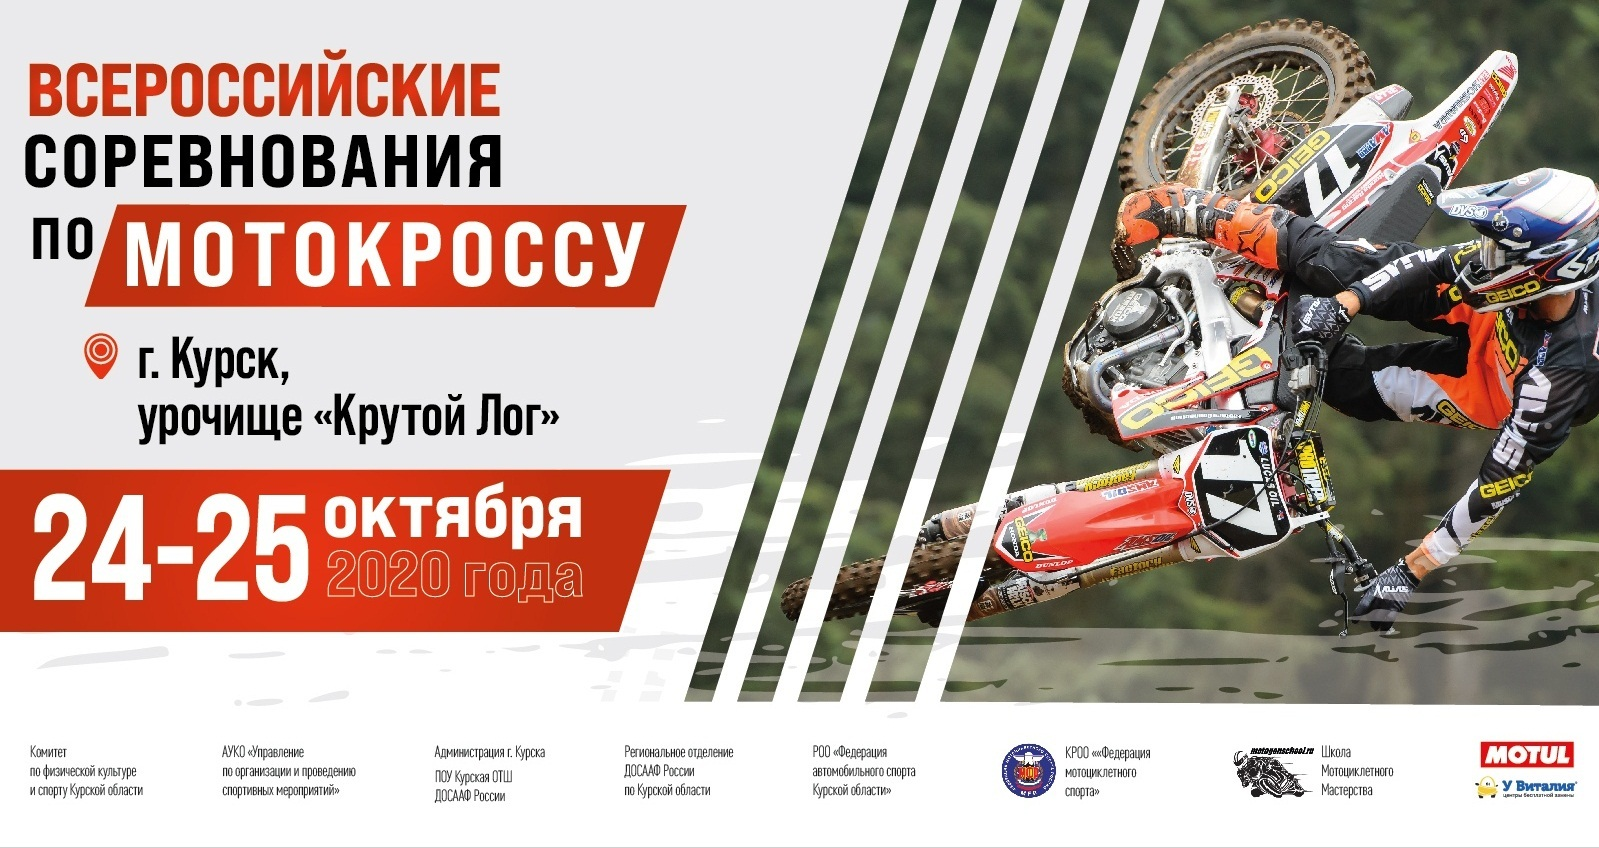 Мотокросс в г. Курск: Результаты